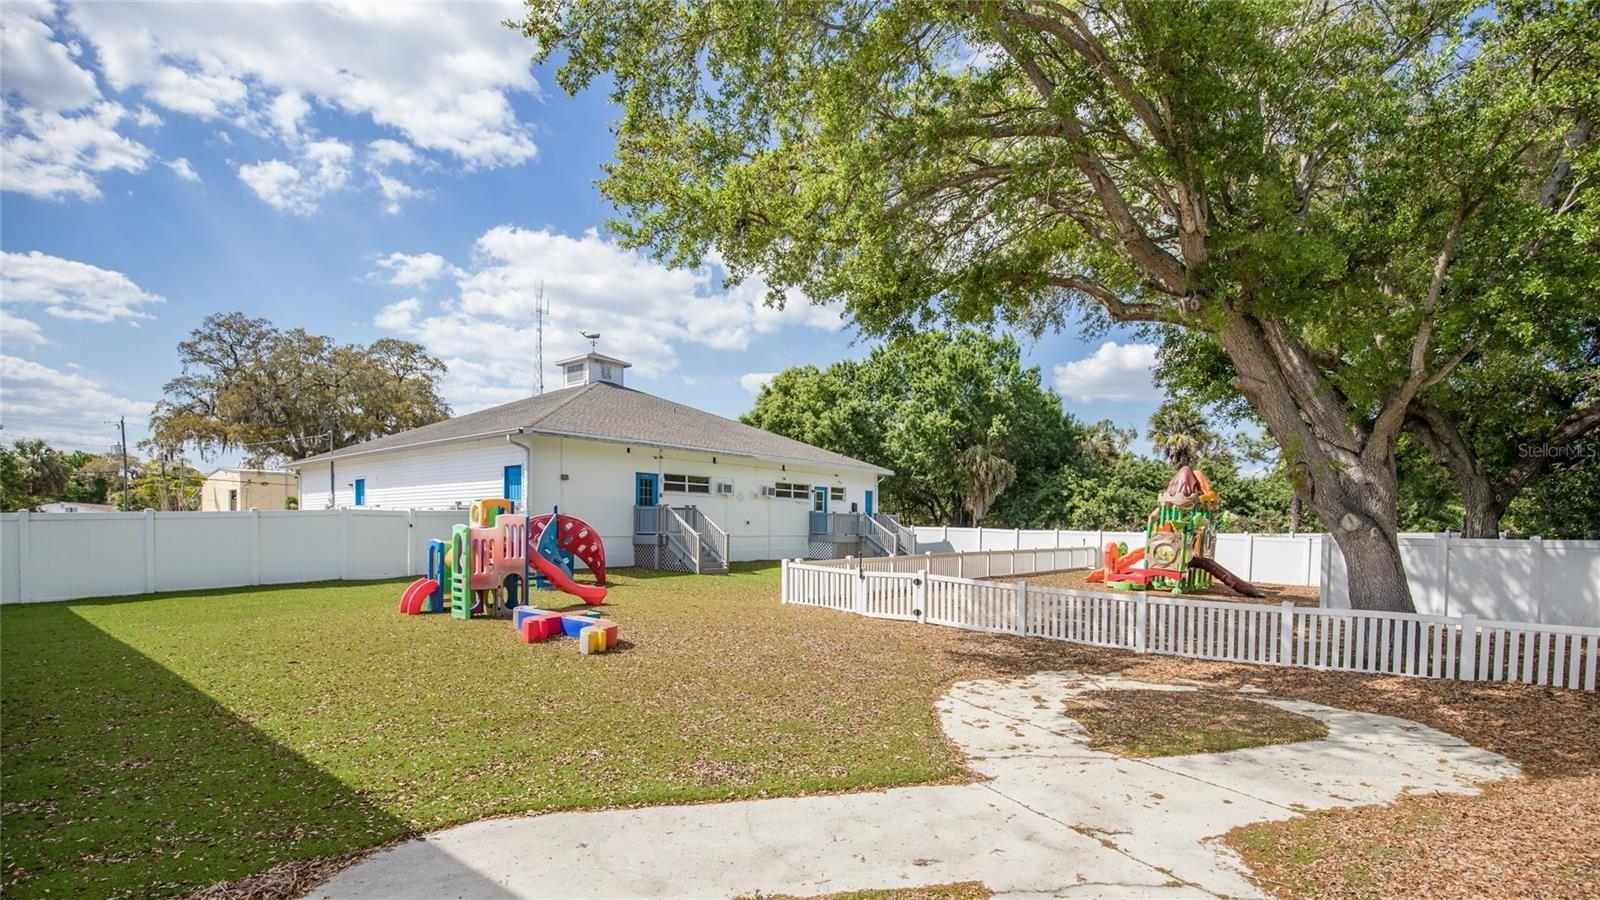 Photo of 4334 LAURA STREET, PORT CHARLOTTE, FL 33980 (MLS # T3319132)